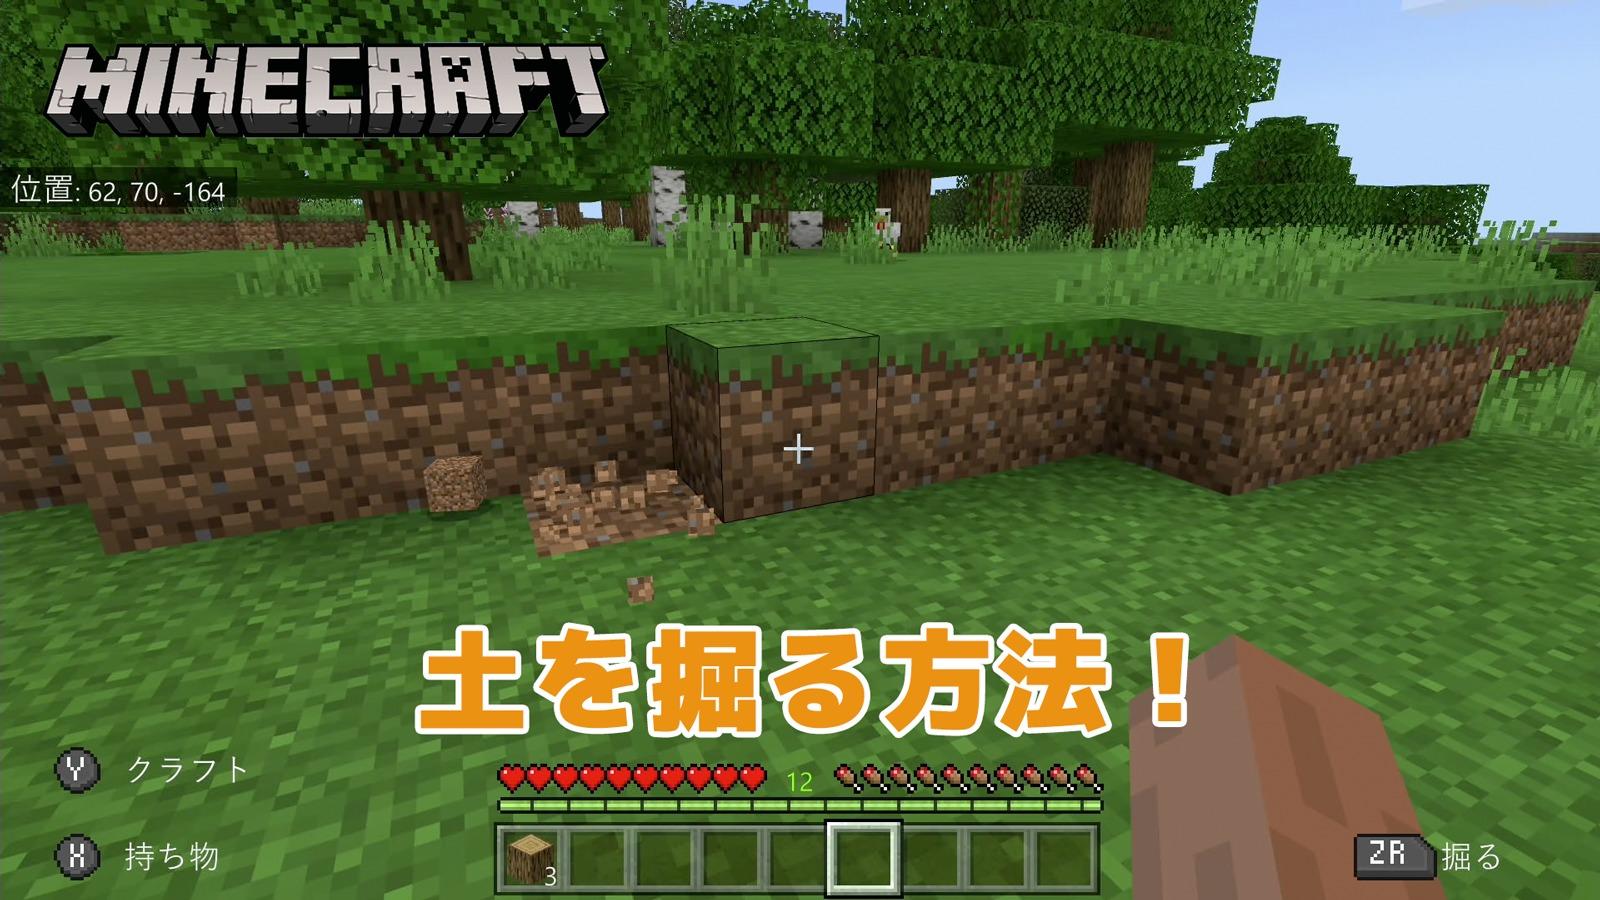 【マインクラフト】土を掘る方法【Switch】